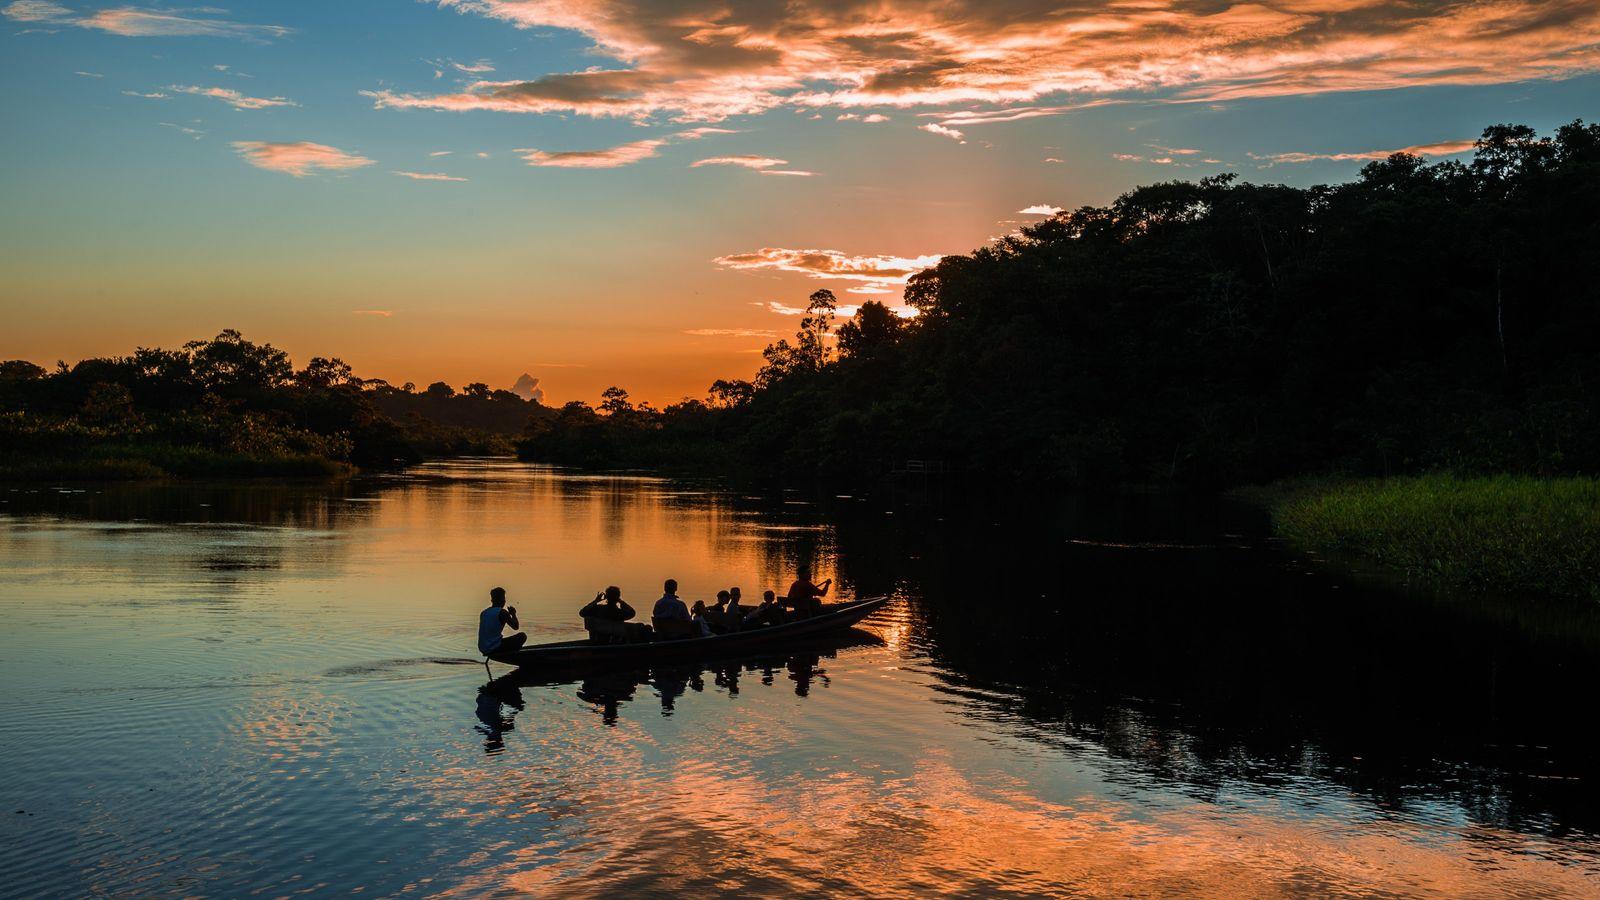 Dans la réserve de Yasuní, des touristes traversent en canoë le fleuve Amazone.